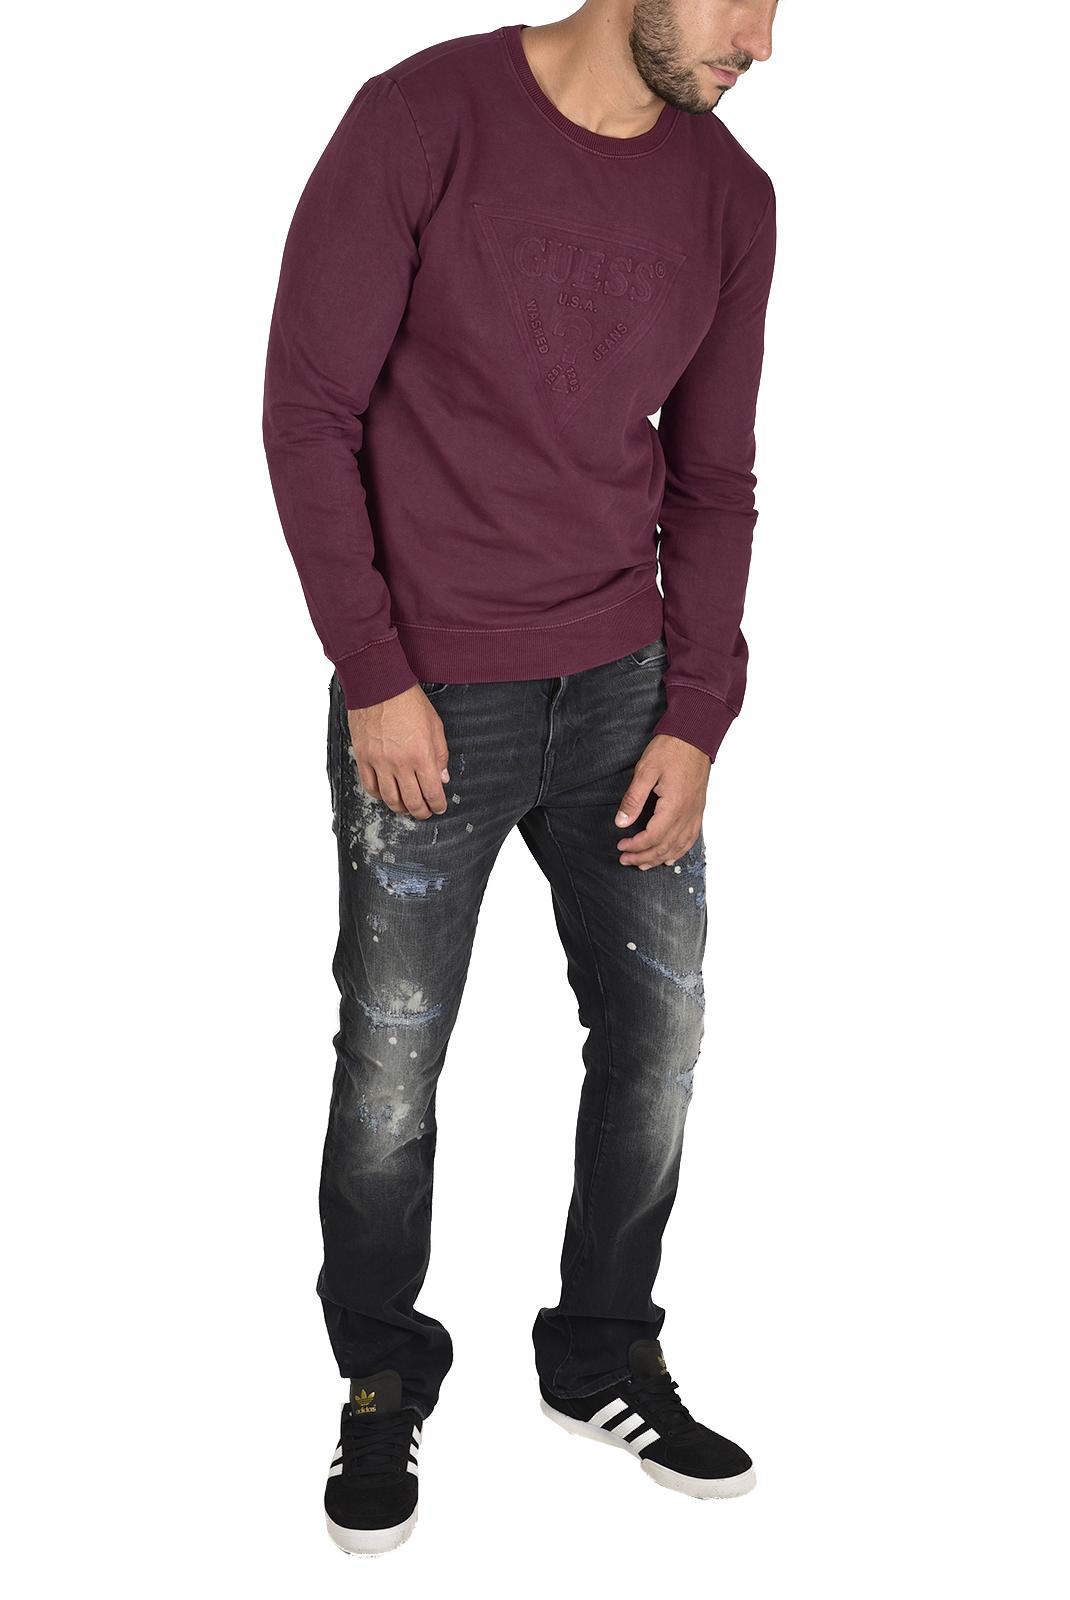 Pulls & Gilets  Guess jeans M94Q35 K92C0 REGAL PLUM